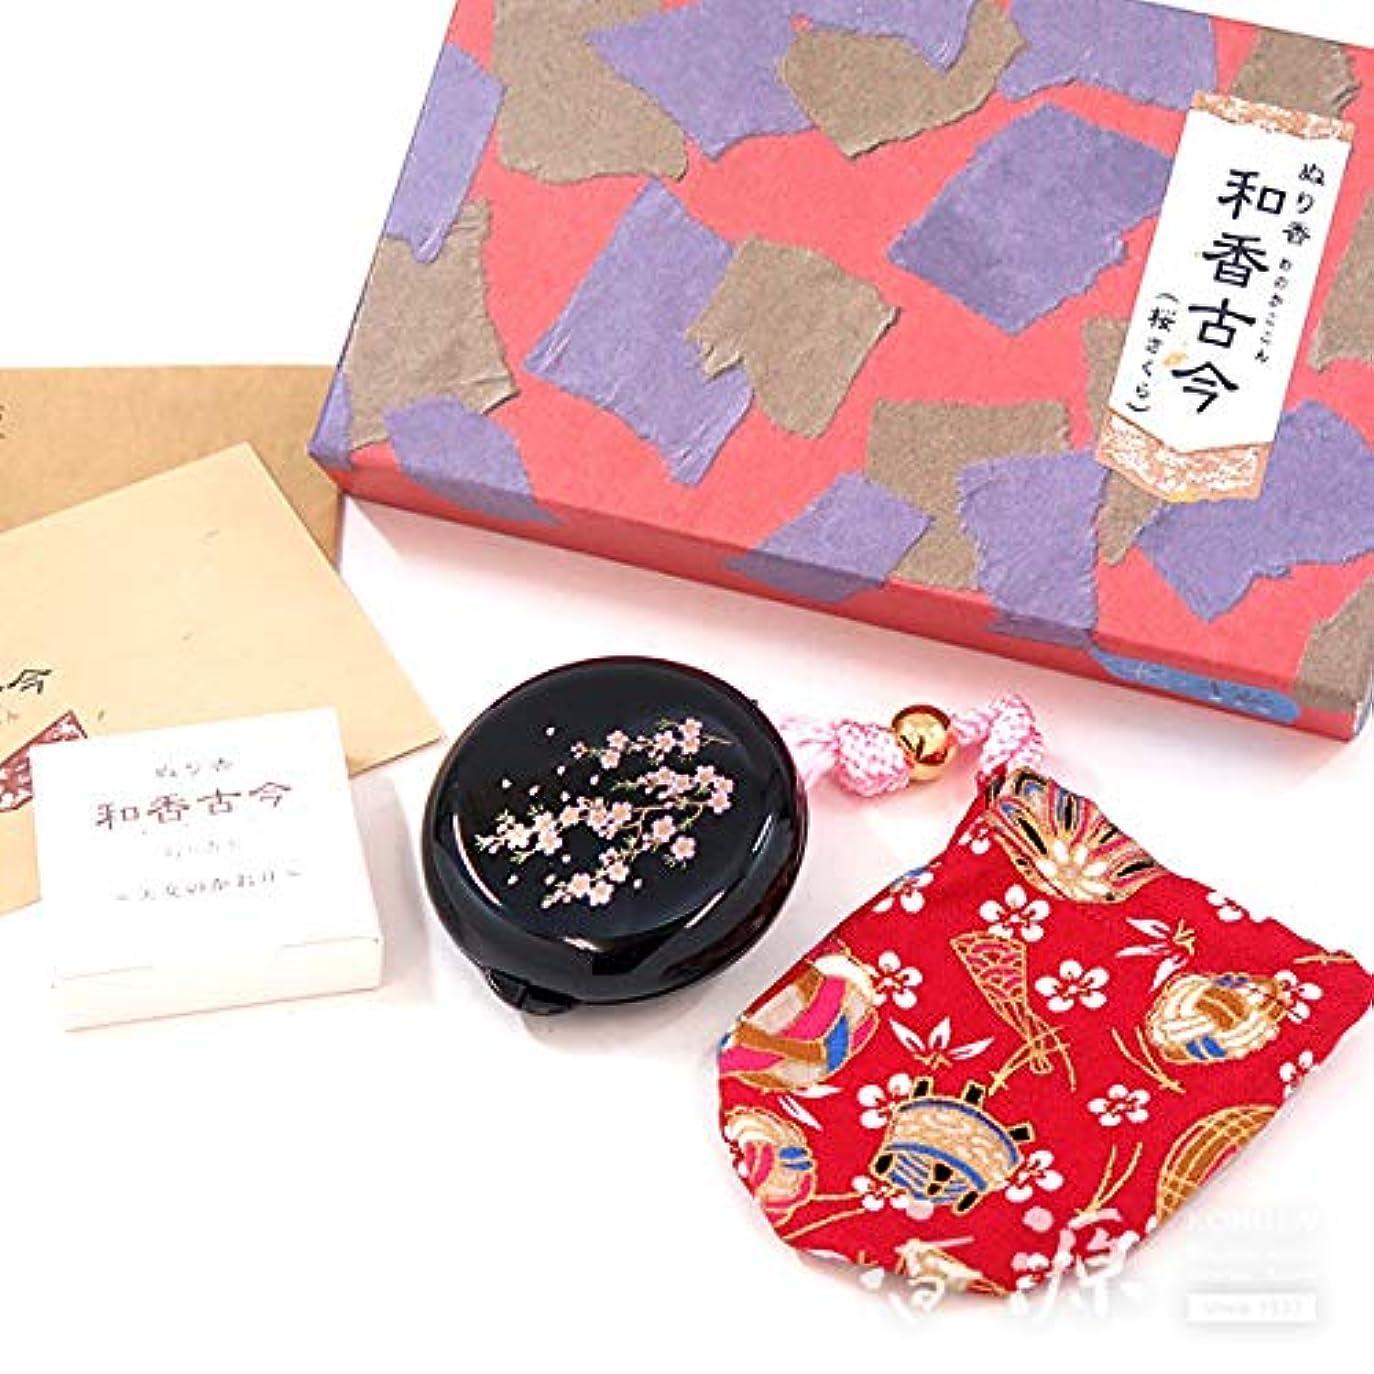 万歳数値降伏長川仁三郎商店のお香 和香古今(わのかここん)天女の香り 桜(黒のコンパクト)?赤の巾着のセット